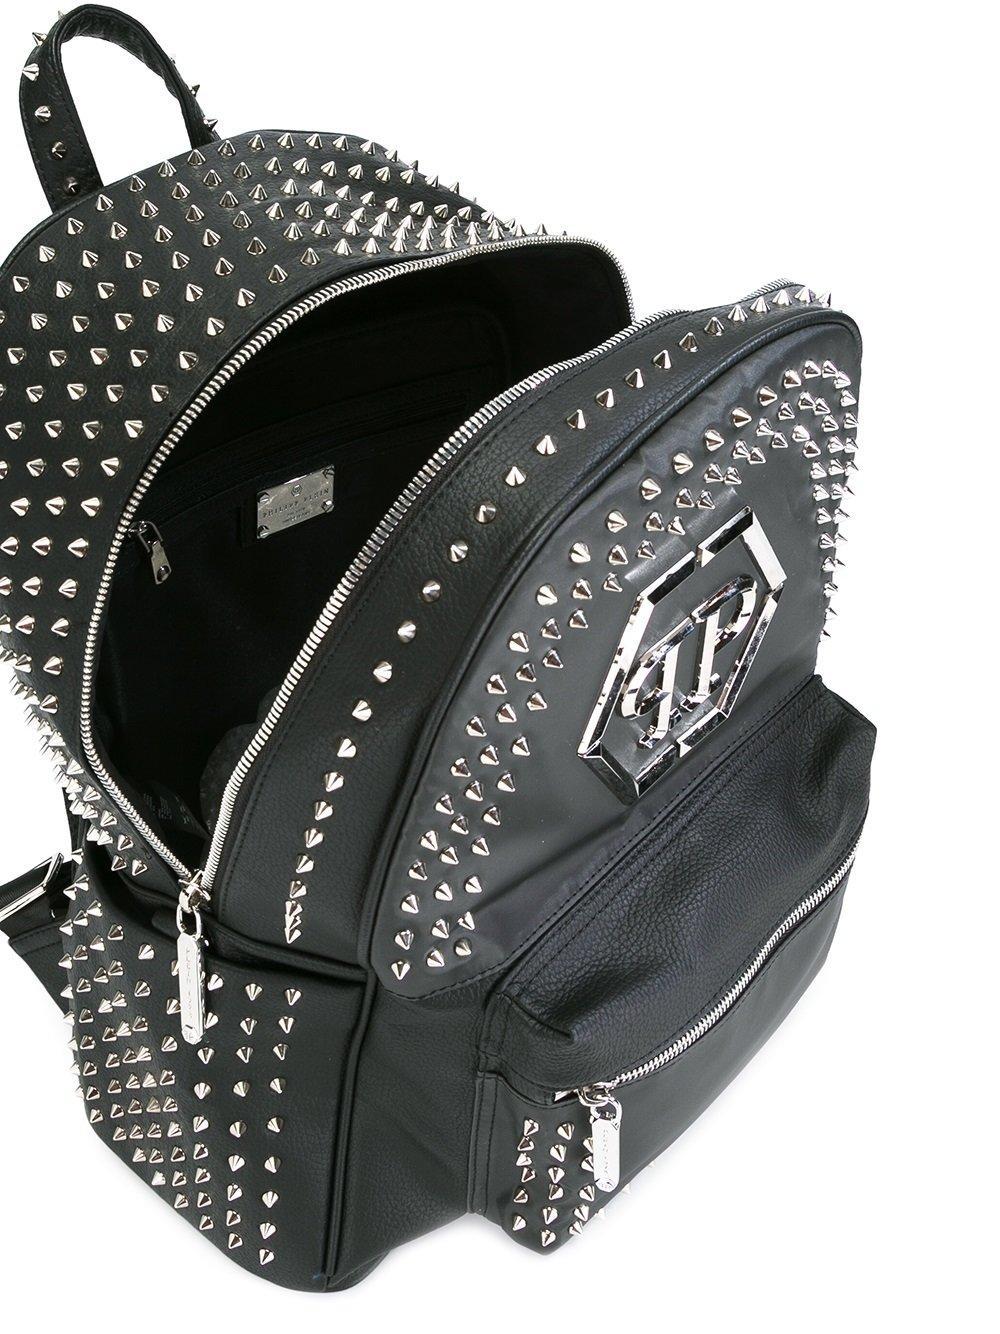 Lyst - Philipp Plein Major Backpack in Black for Men